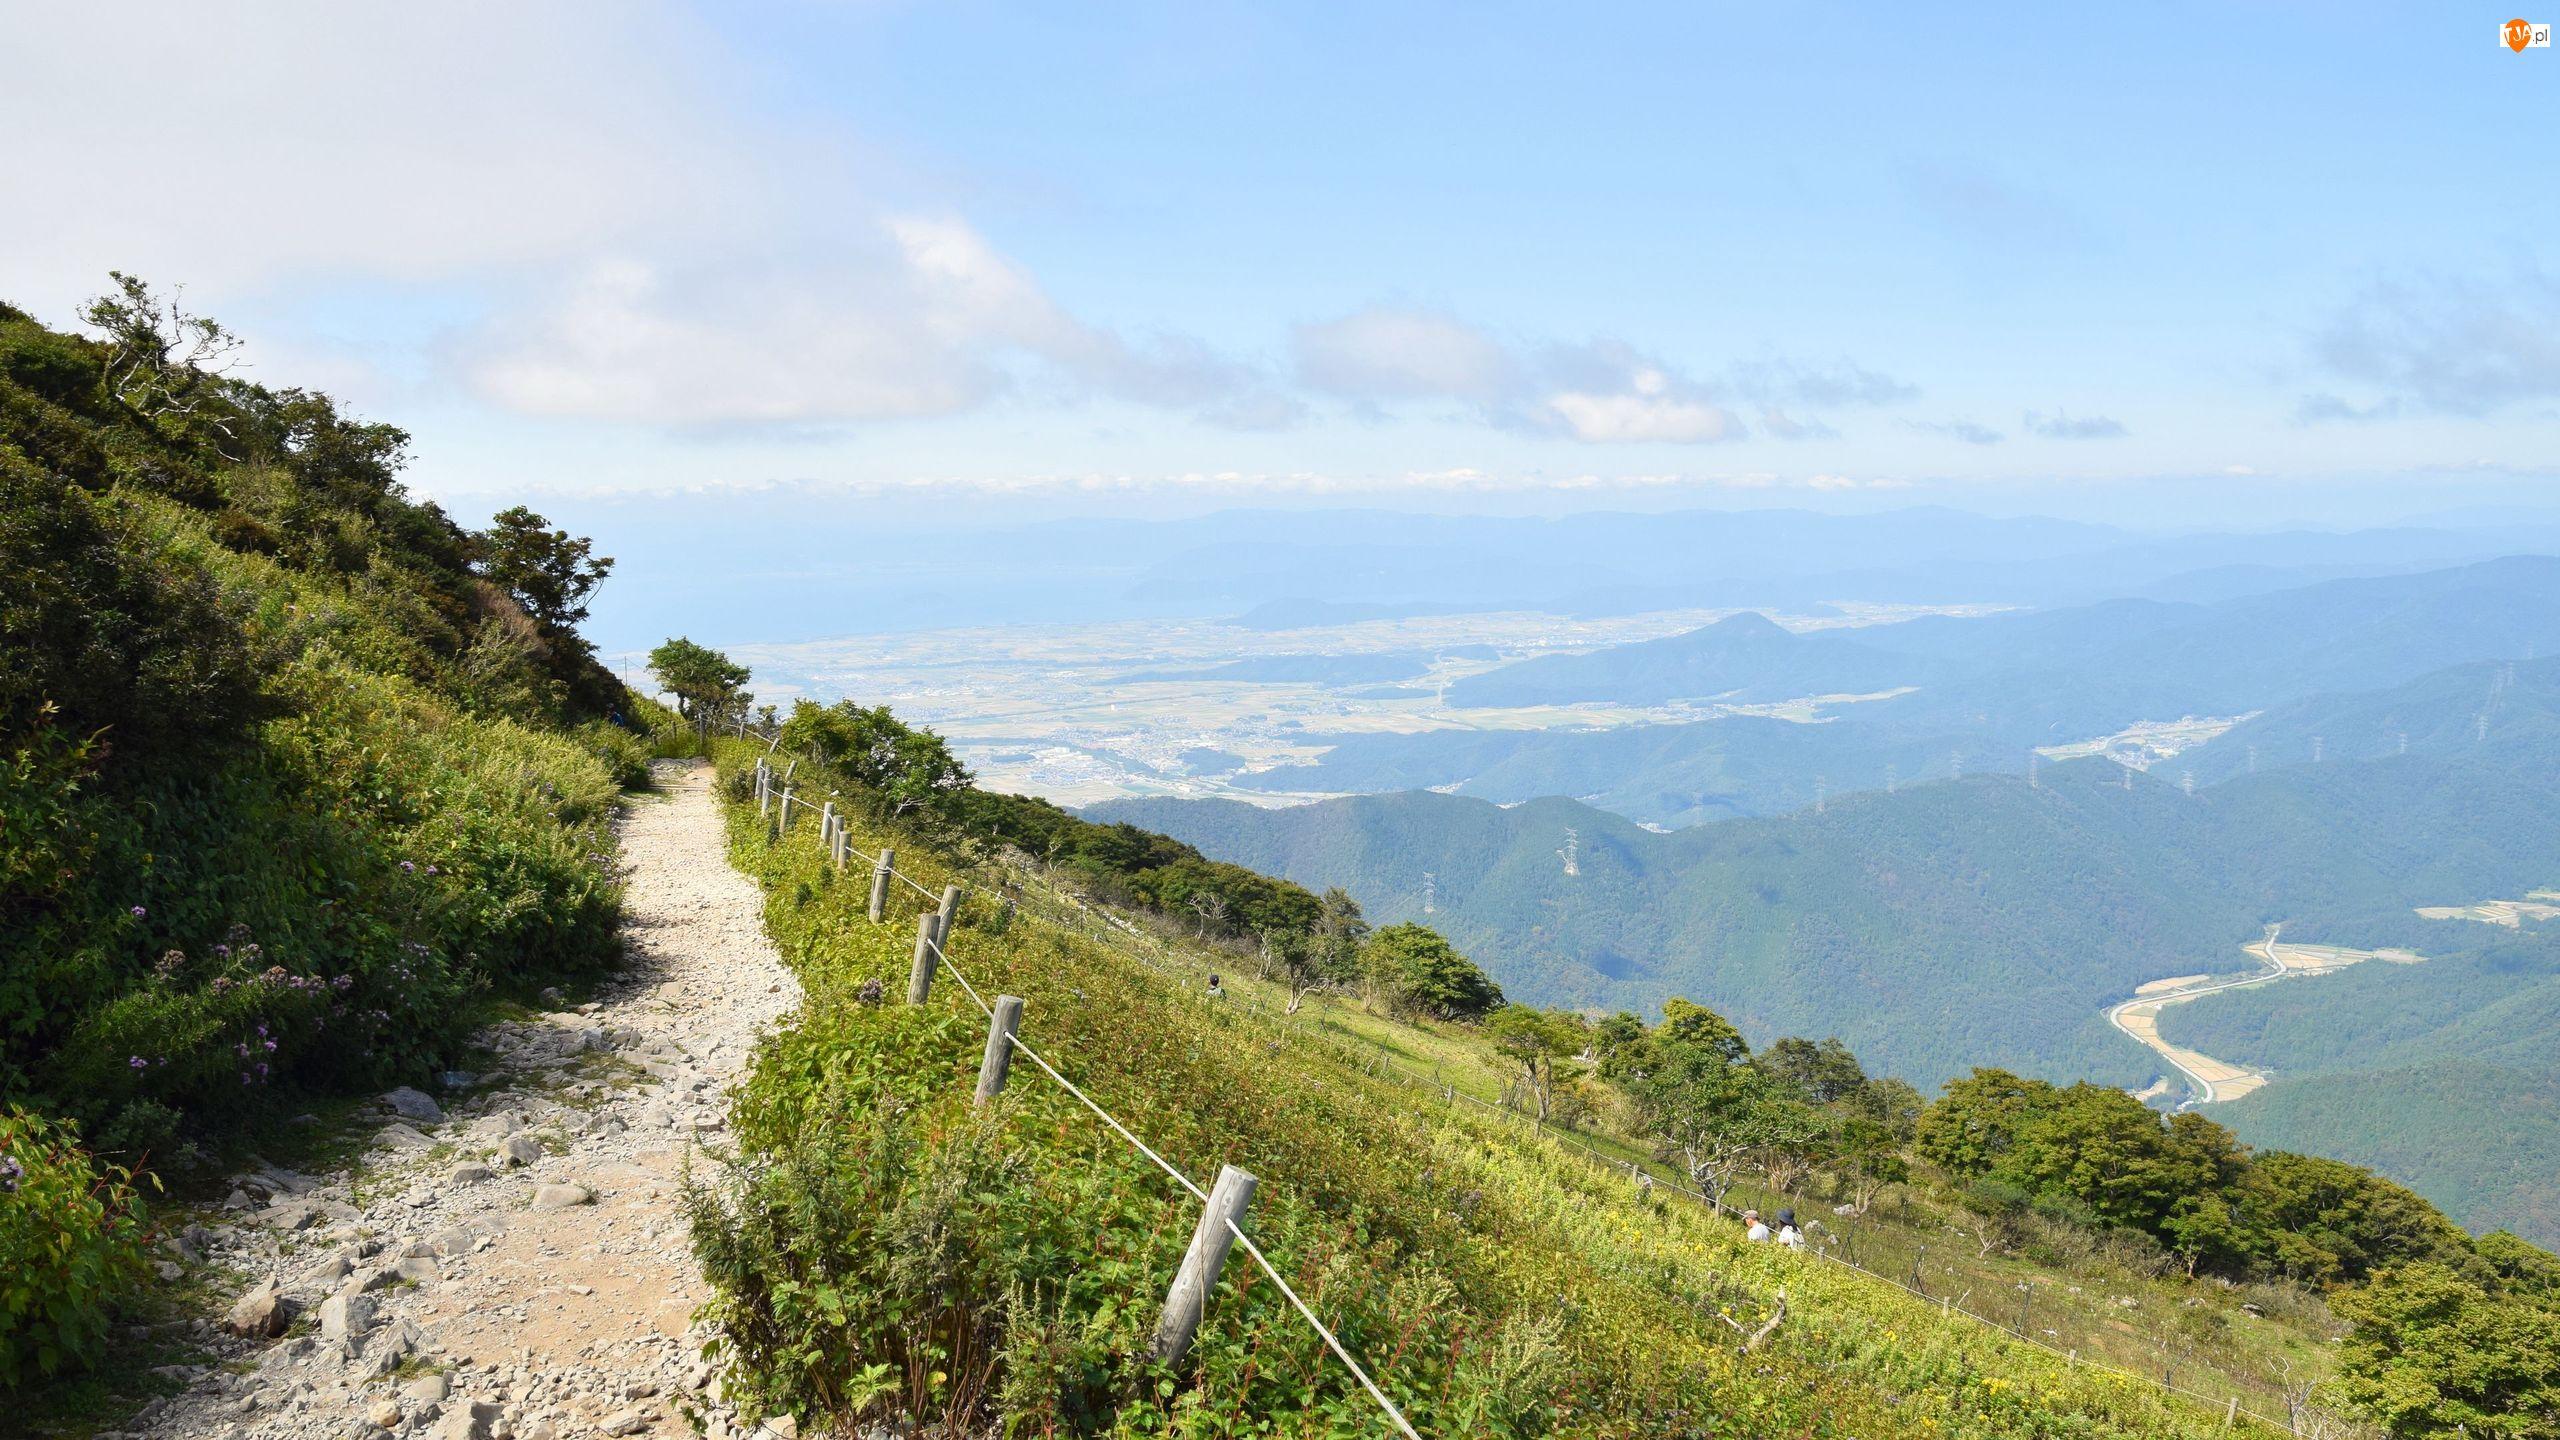 Ścieżka, Dolina, Stok, Góra, Mgła